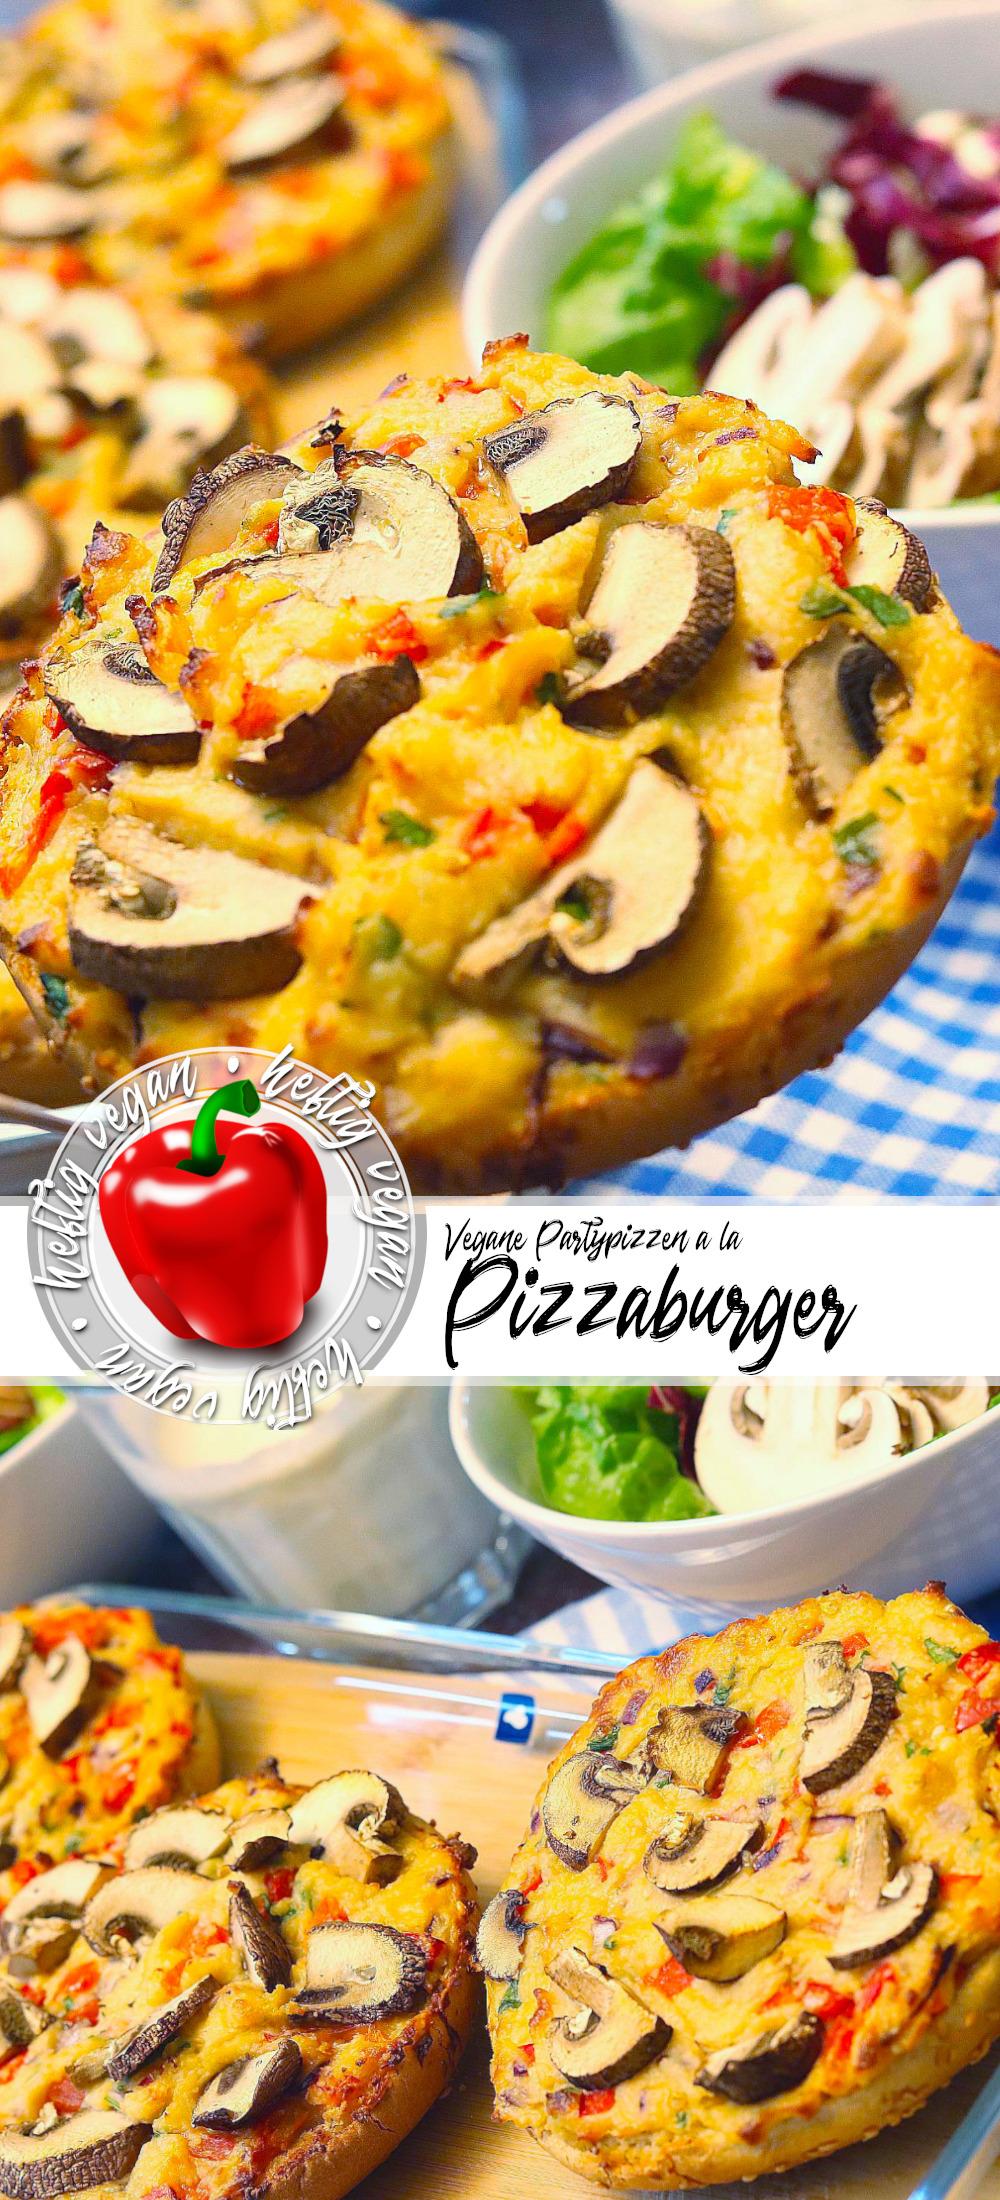 Pizzaburger oder Partypizzen (Pinterest)